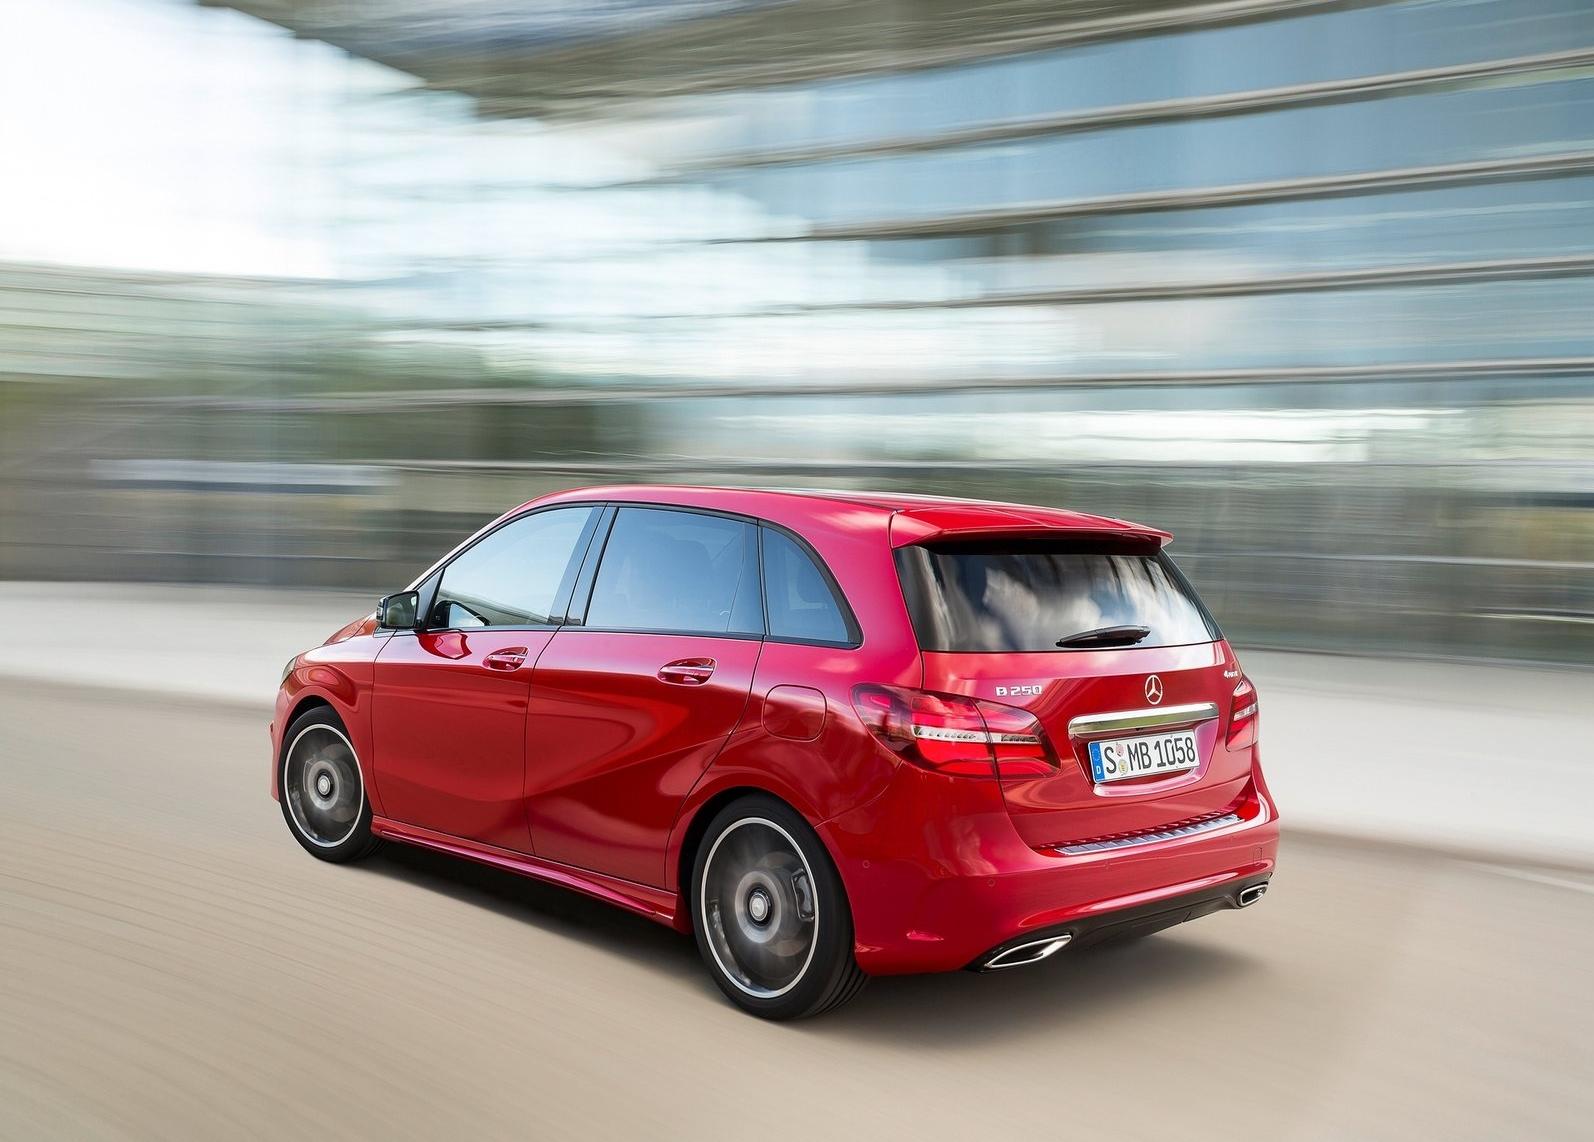 https://www.whatcar.lv/cars/Mercedes-Benz/B-Klase/fb670ce9ebd448f404dd3f83bf78d3a1.jpg